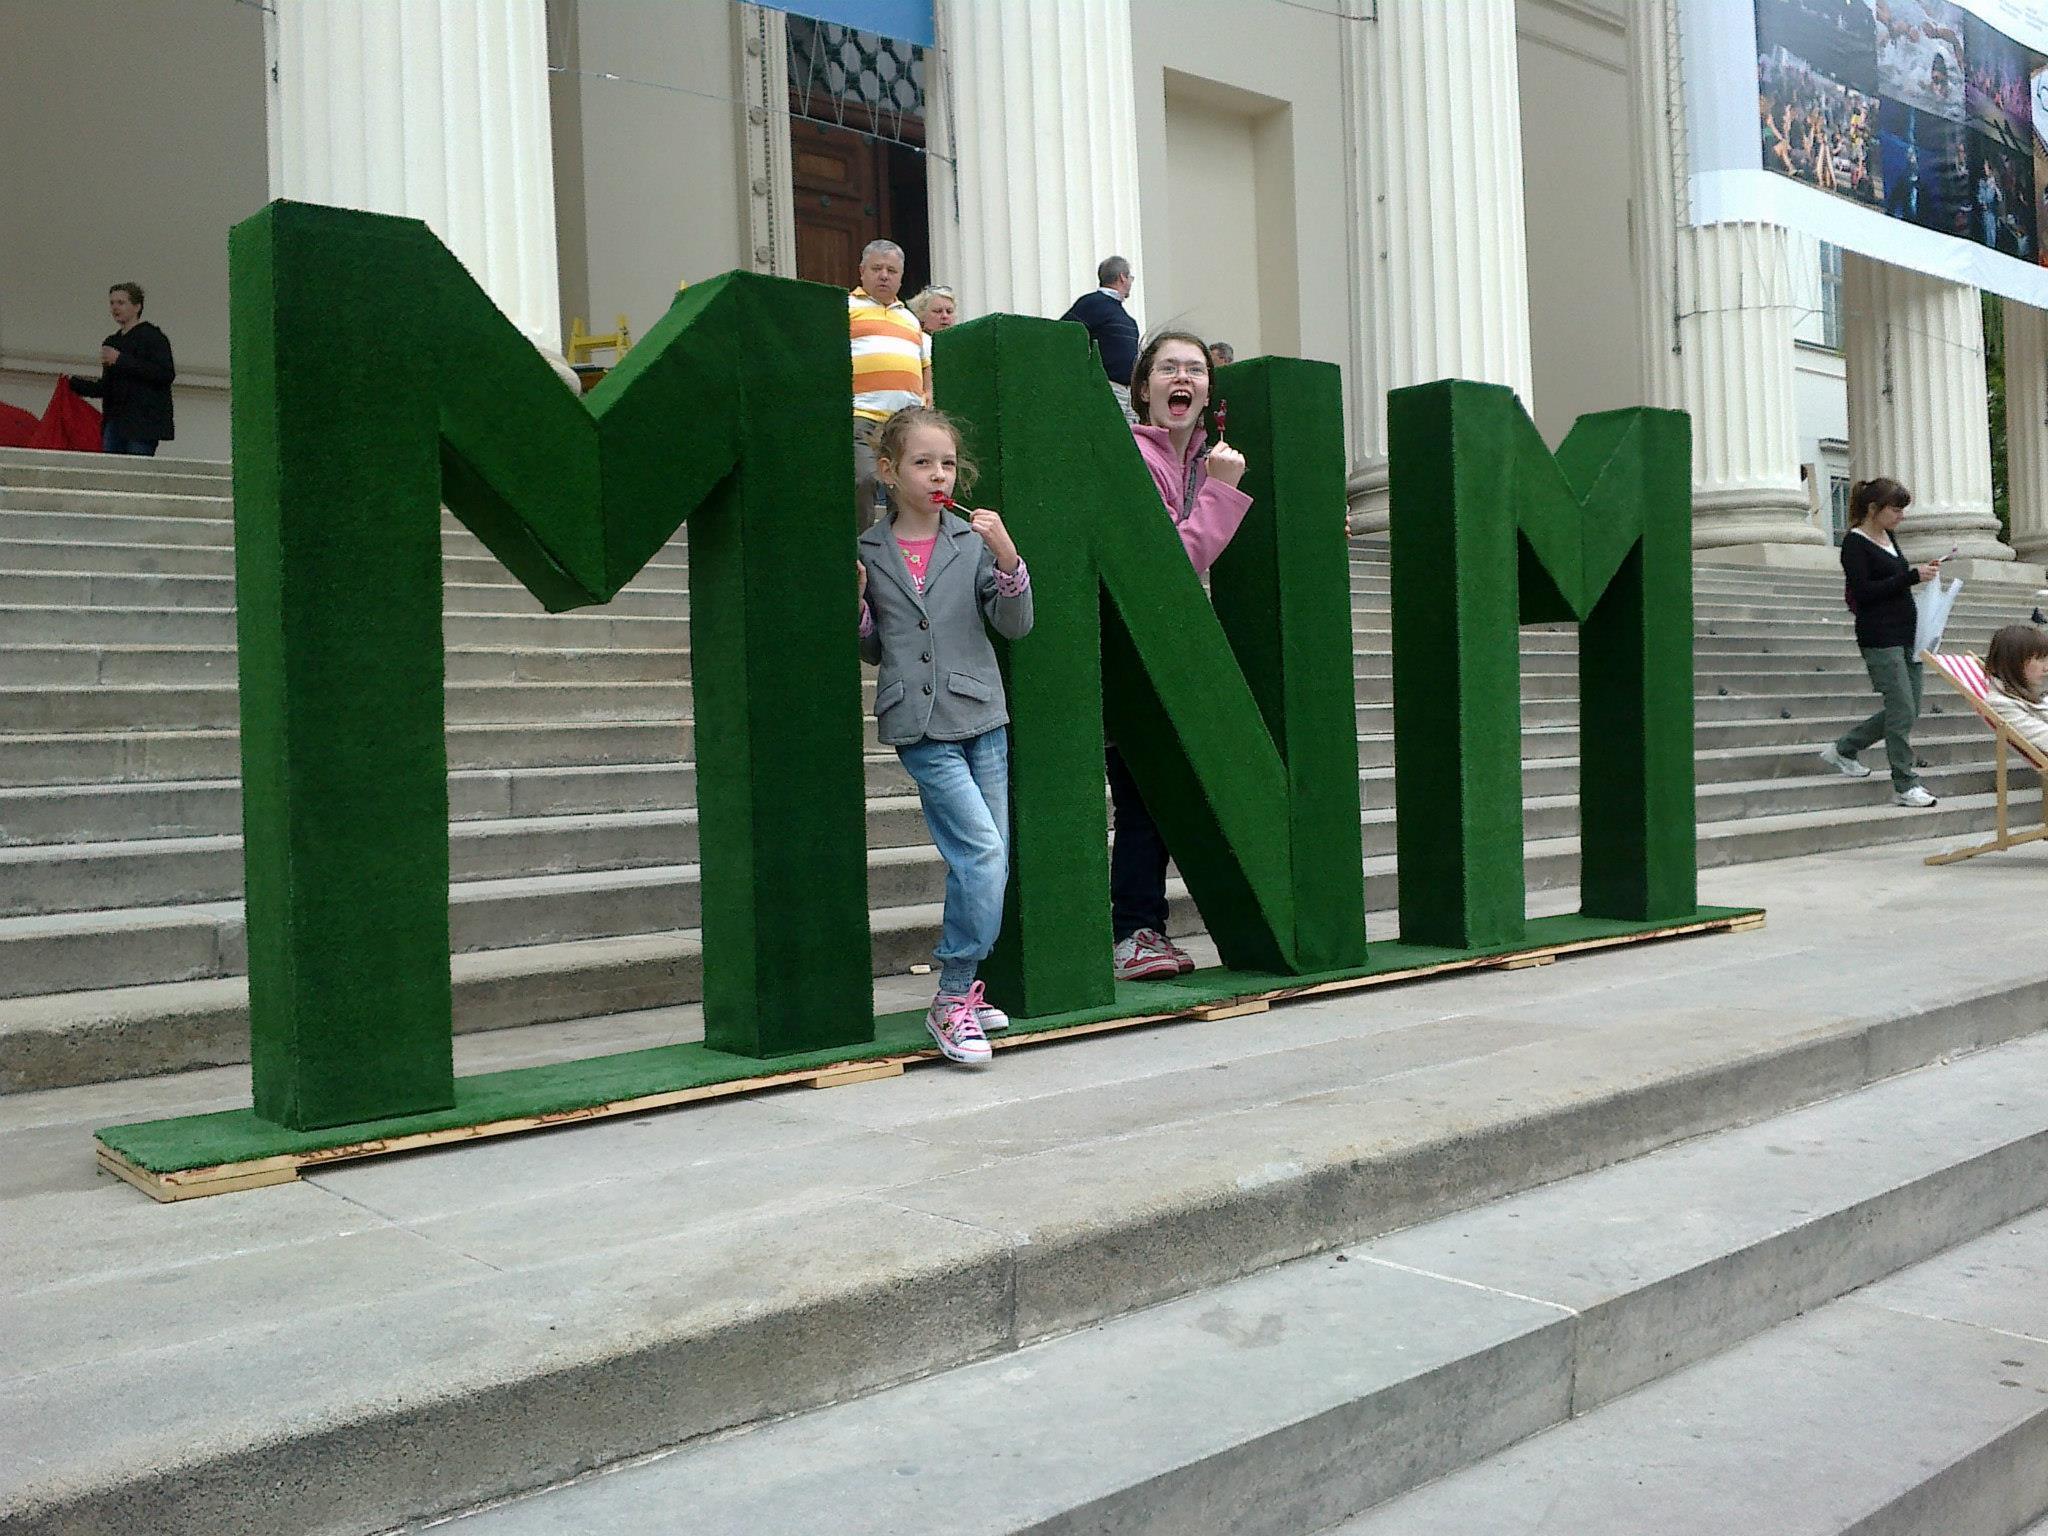 mnm-muzeumok-majalisa